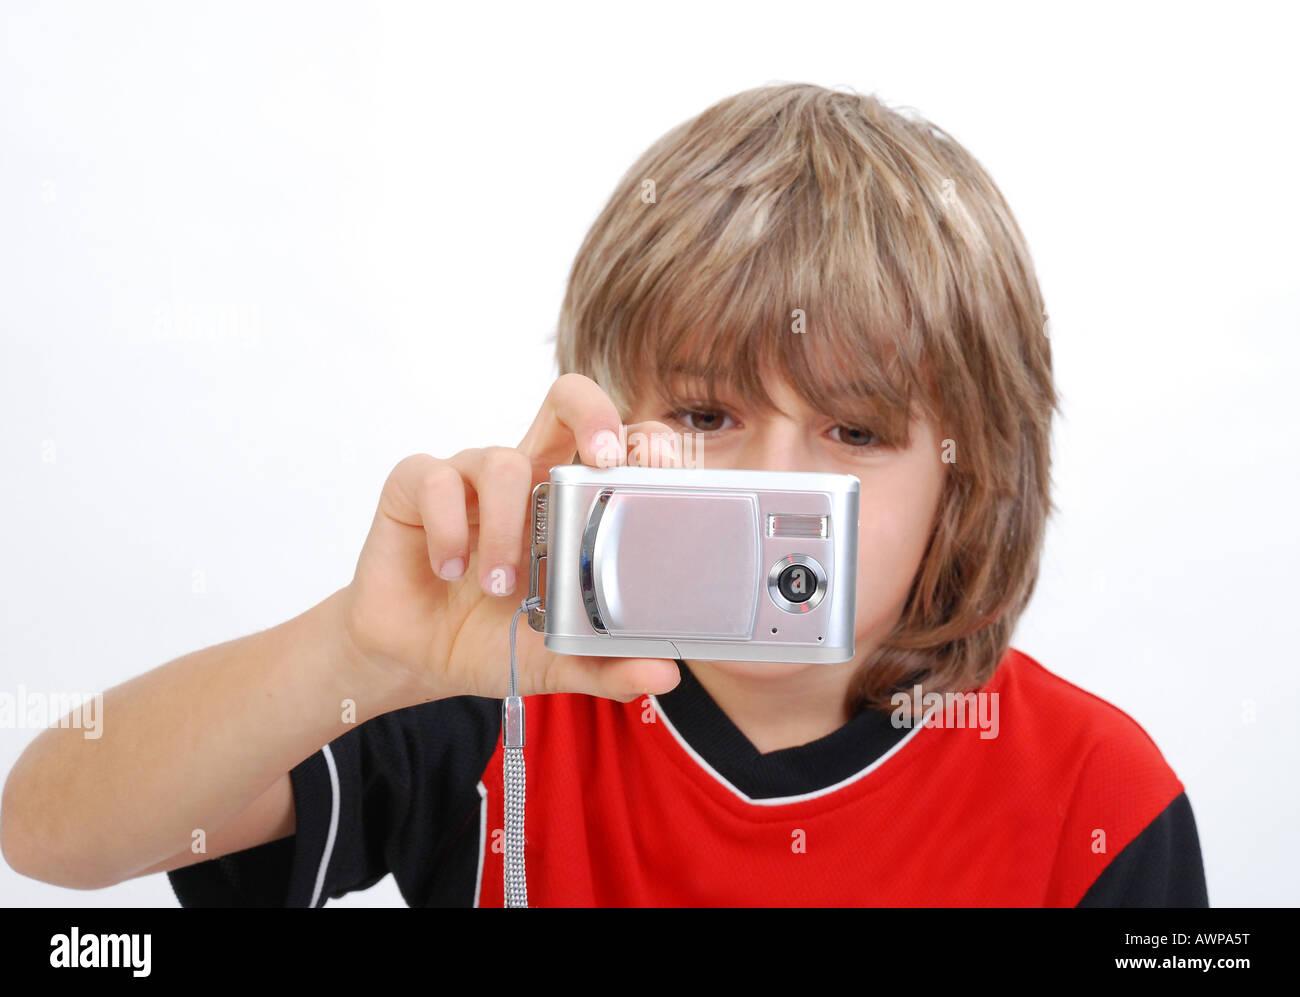 Bente Bild Bilder Digicam Digitale Kamera AKTIONFOTOS Foto Foto Machen Fotoapparat Fotografie Fotografien & Stockbild